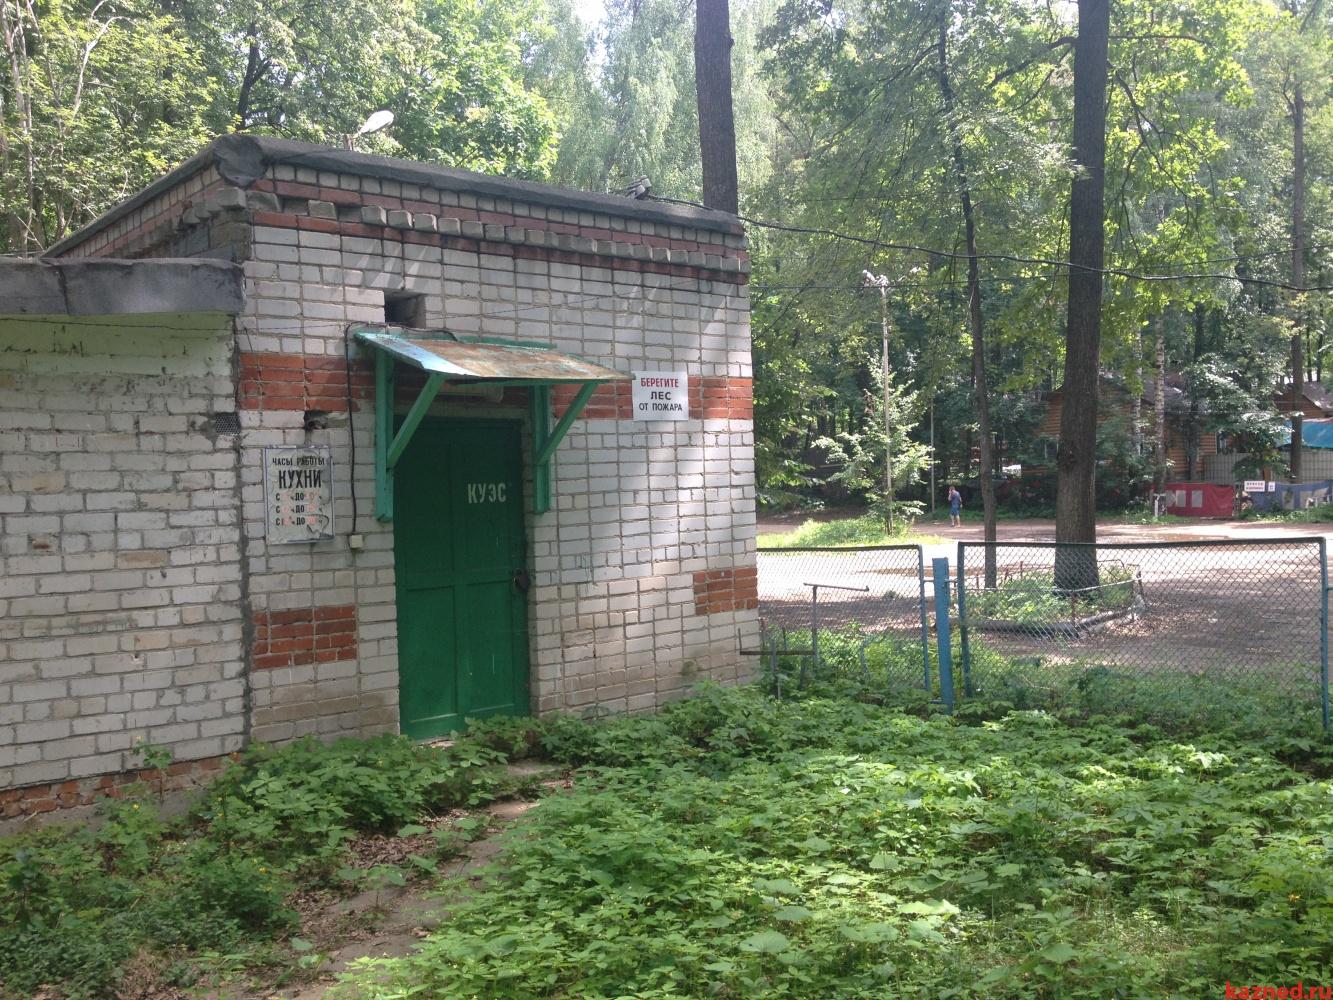 Продажа  дома  Матюшинское участковое лестничество, квартал №70, выдел 17, 0 м² (миниатюра №7)